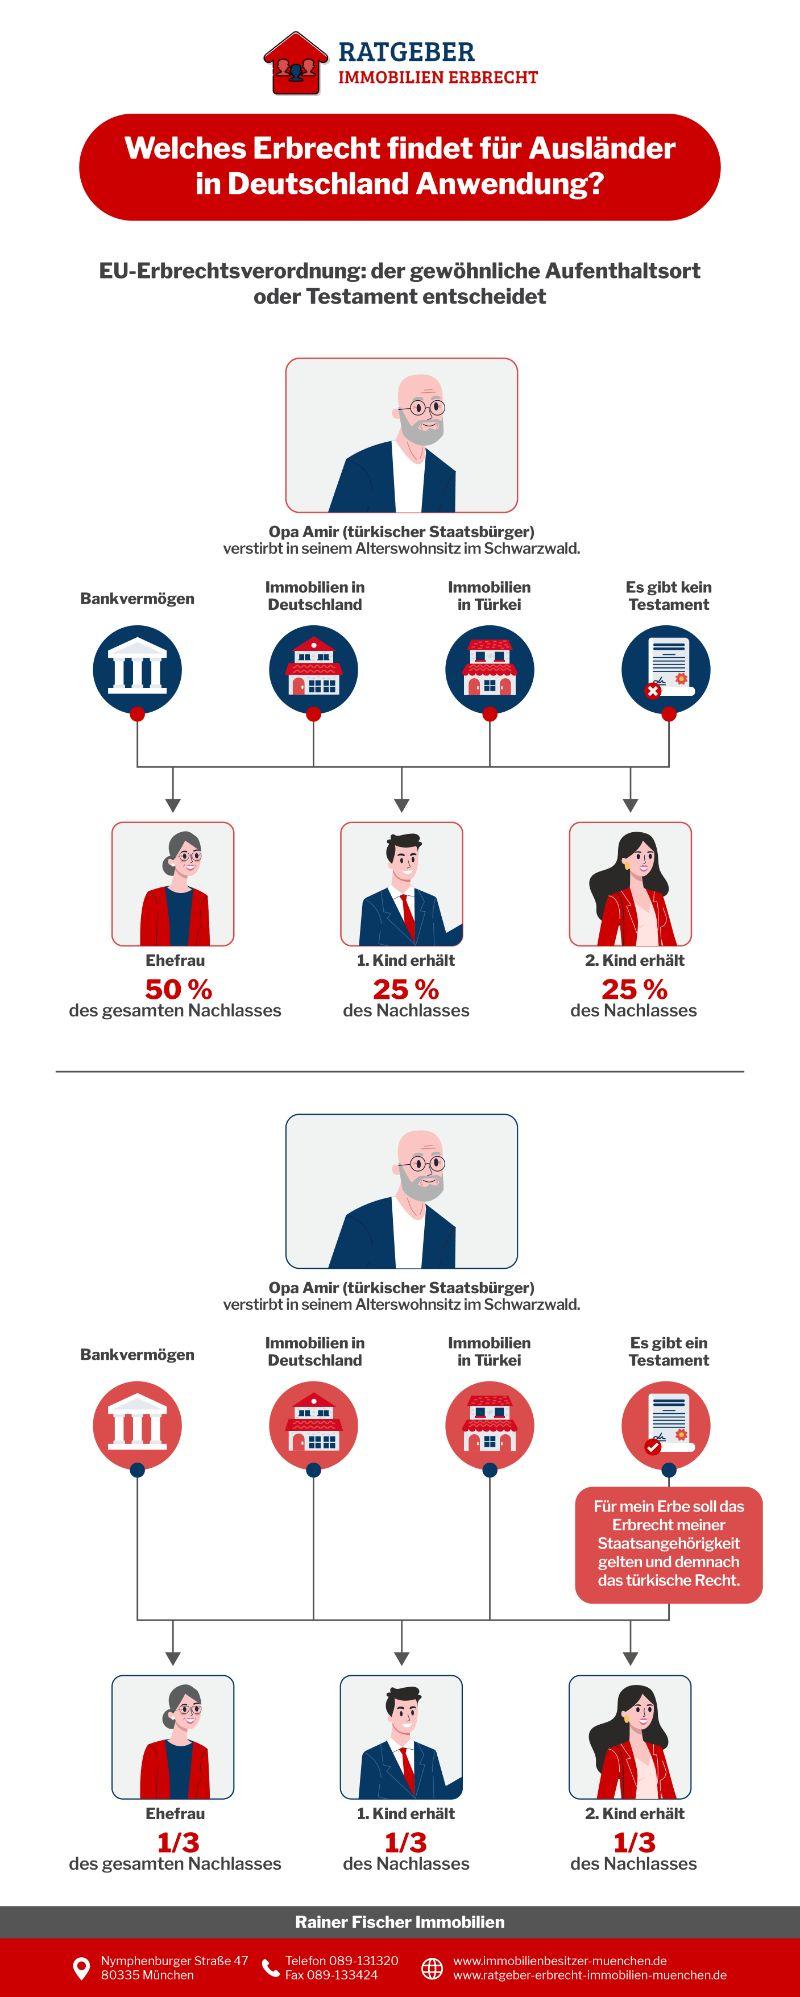 Ratgeber Erbrecht Infografik  Welches Erbrecht Findet Für Ausländer In Deutschland Anwendung?